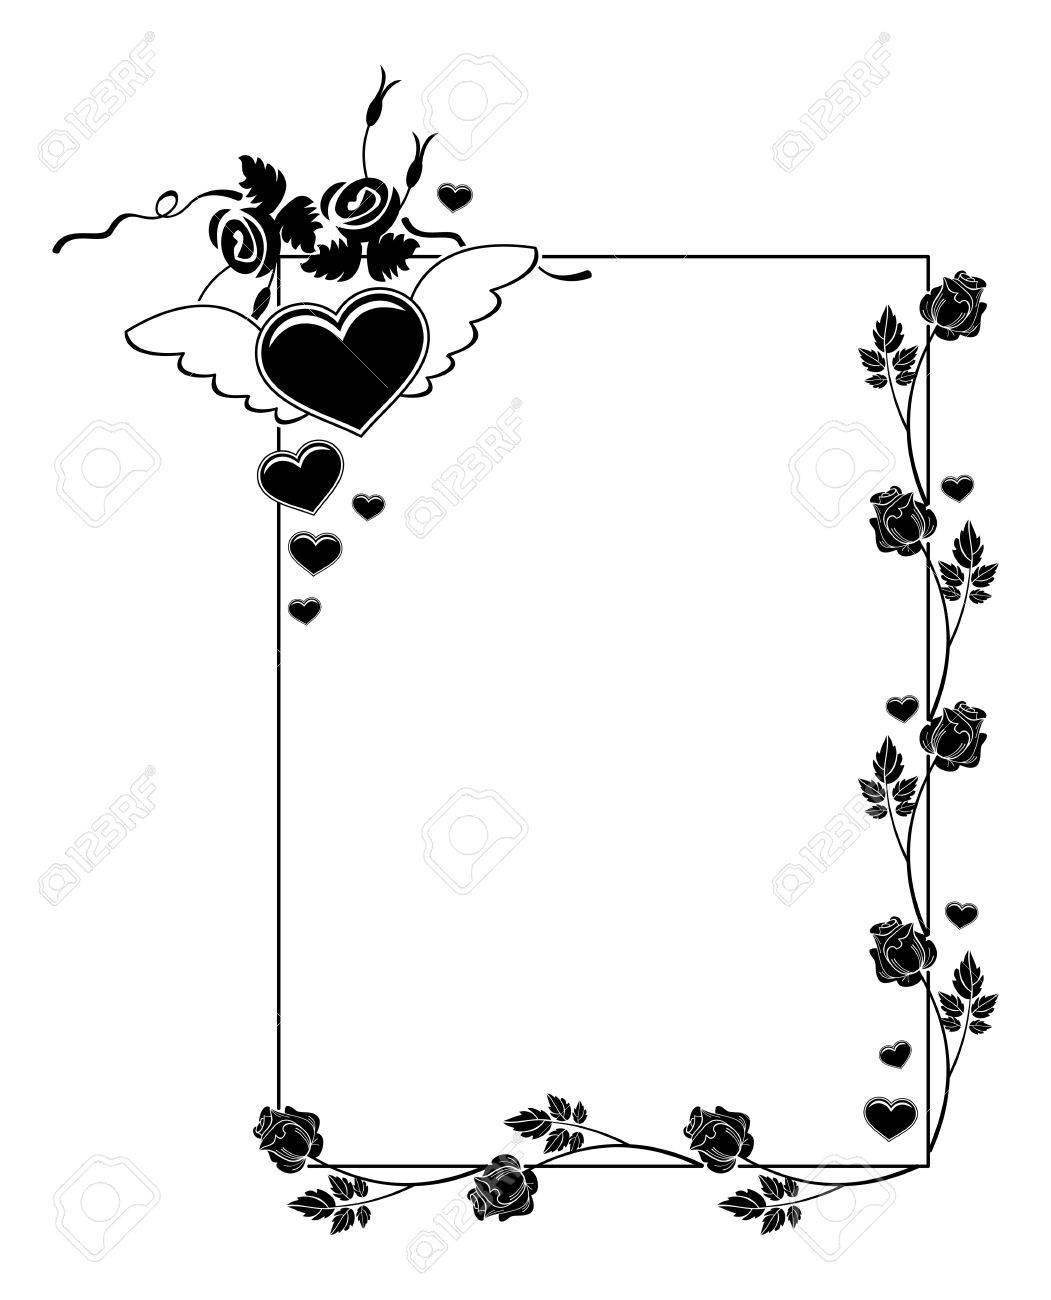 Silueta Del Marco Blanco Y Negro Con Rosas Y Corazón Del Vuelo